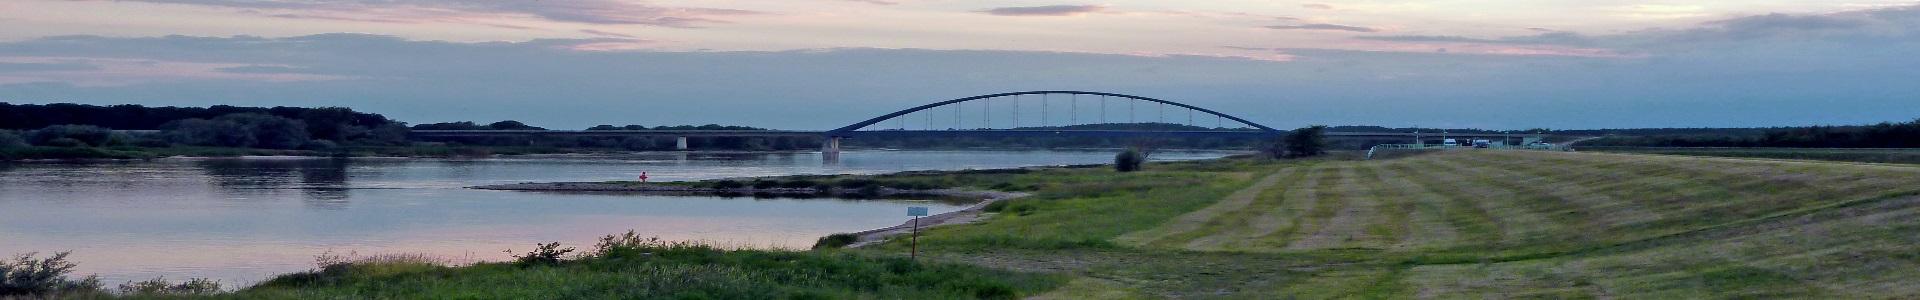 Sliderbild Brücke_Jörg Reichel